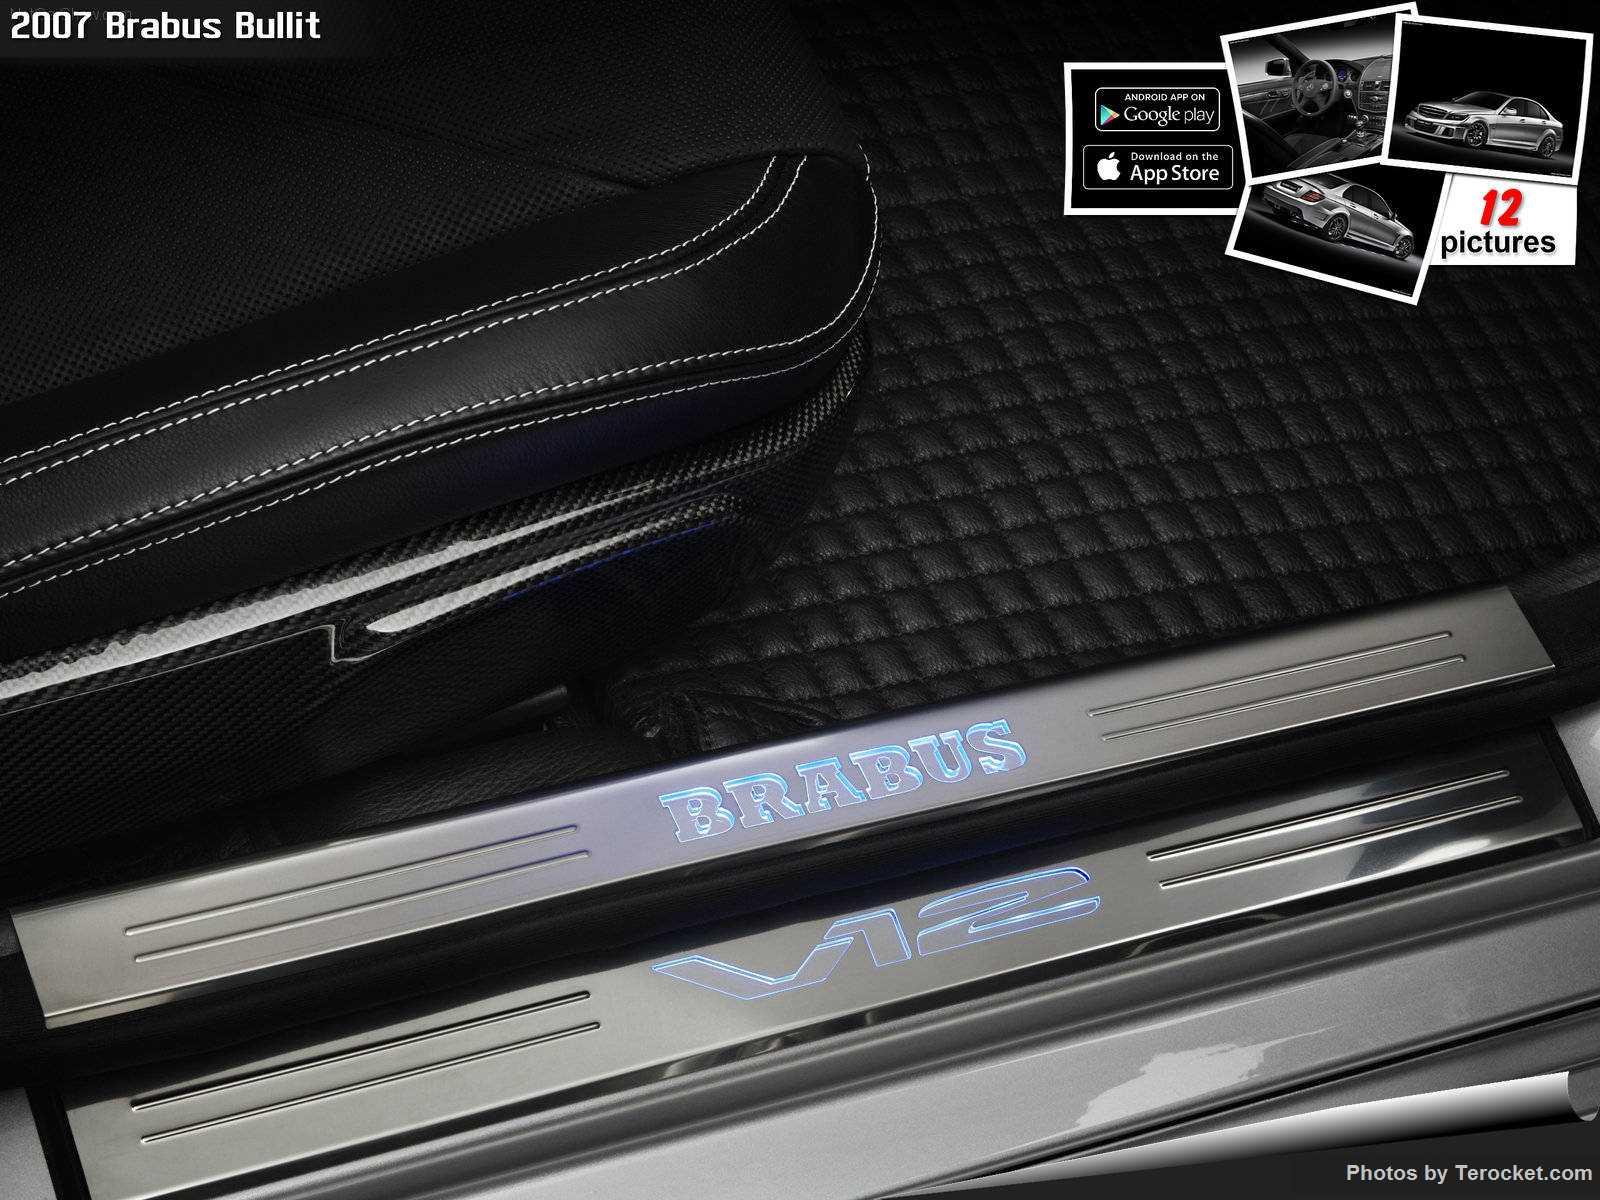 Hình ảnh xe ô tô Brabus Bullit 2007 & nội ngoại thất